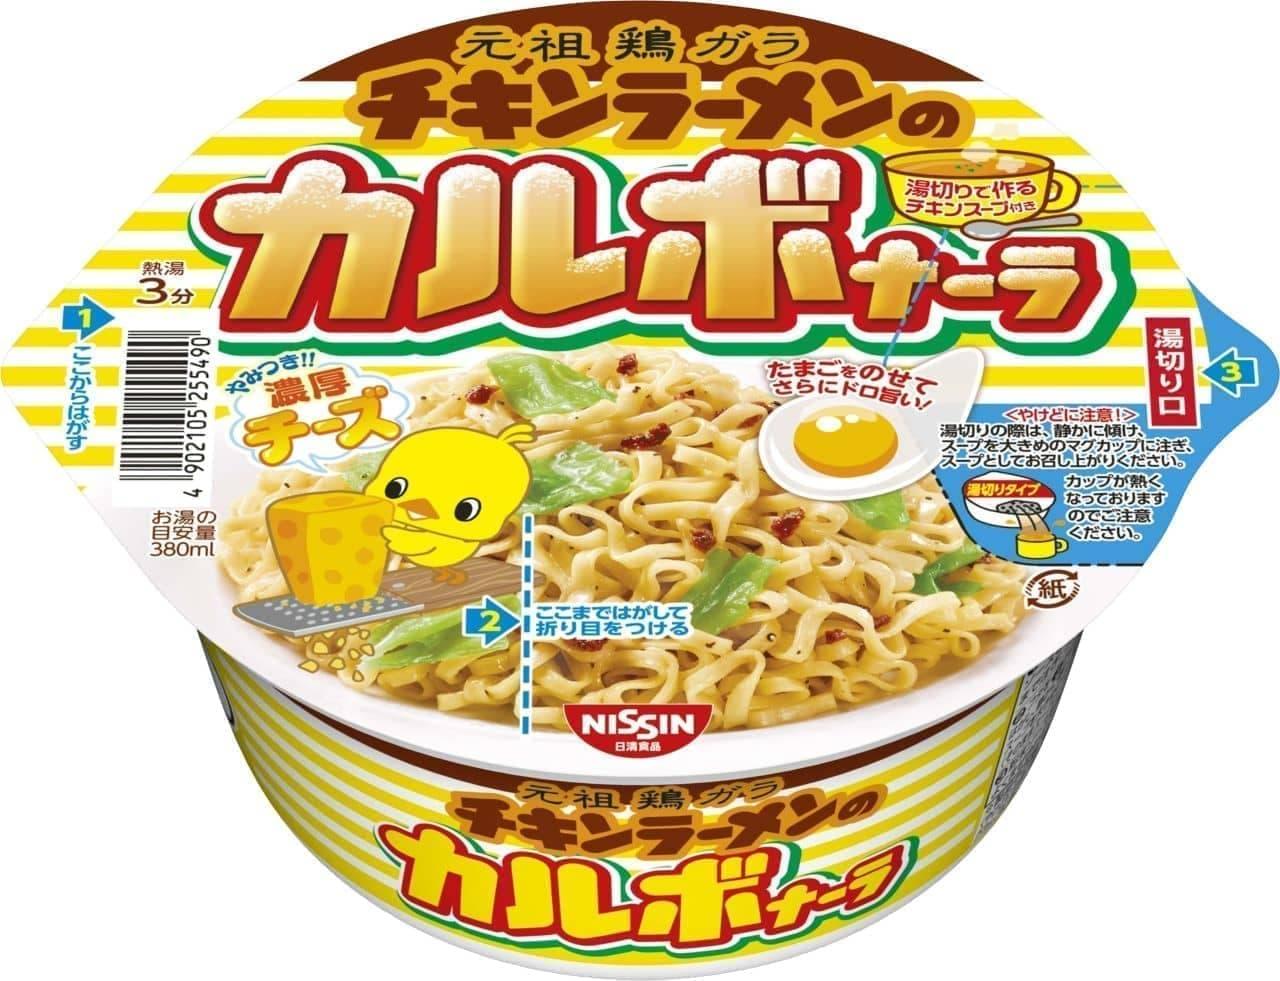 日清食品「チキンラーメンのカルボナーラ」